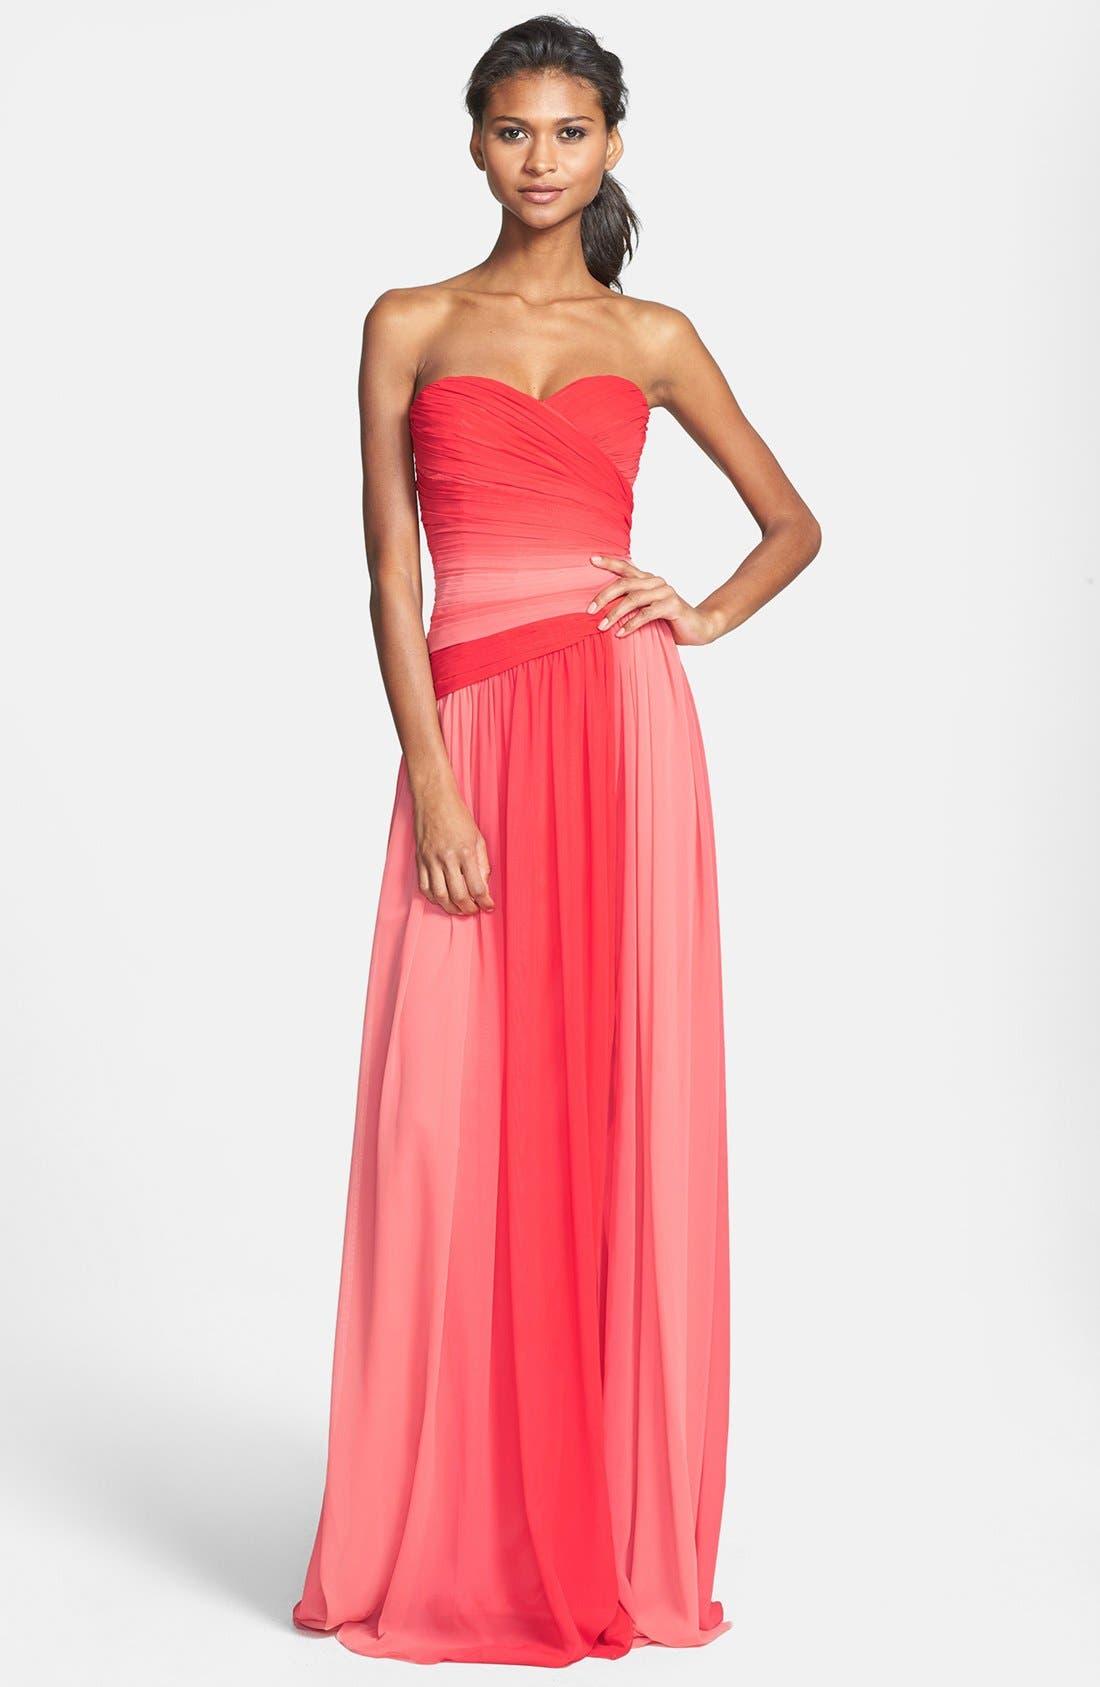 Main Image - ML Monique Lhuillier Bridesmaids Ombré Chiffon Gown